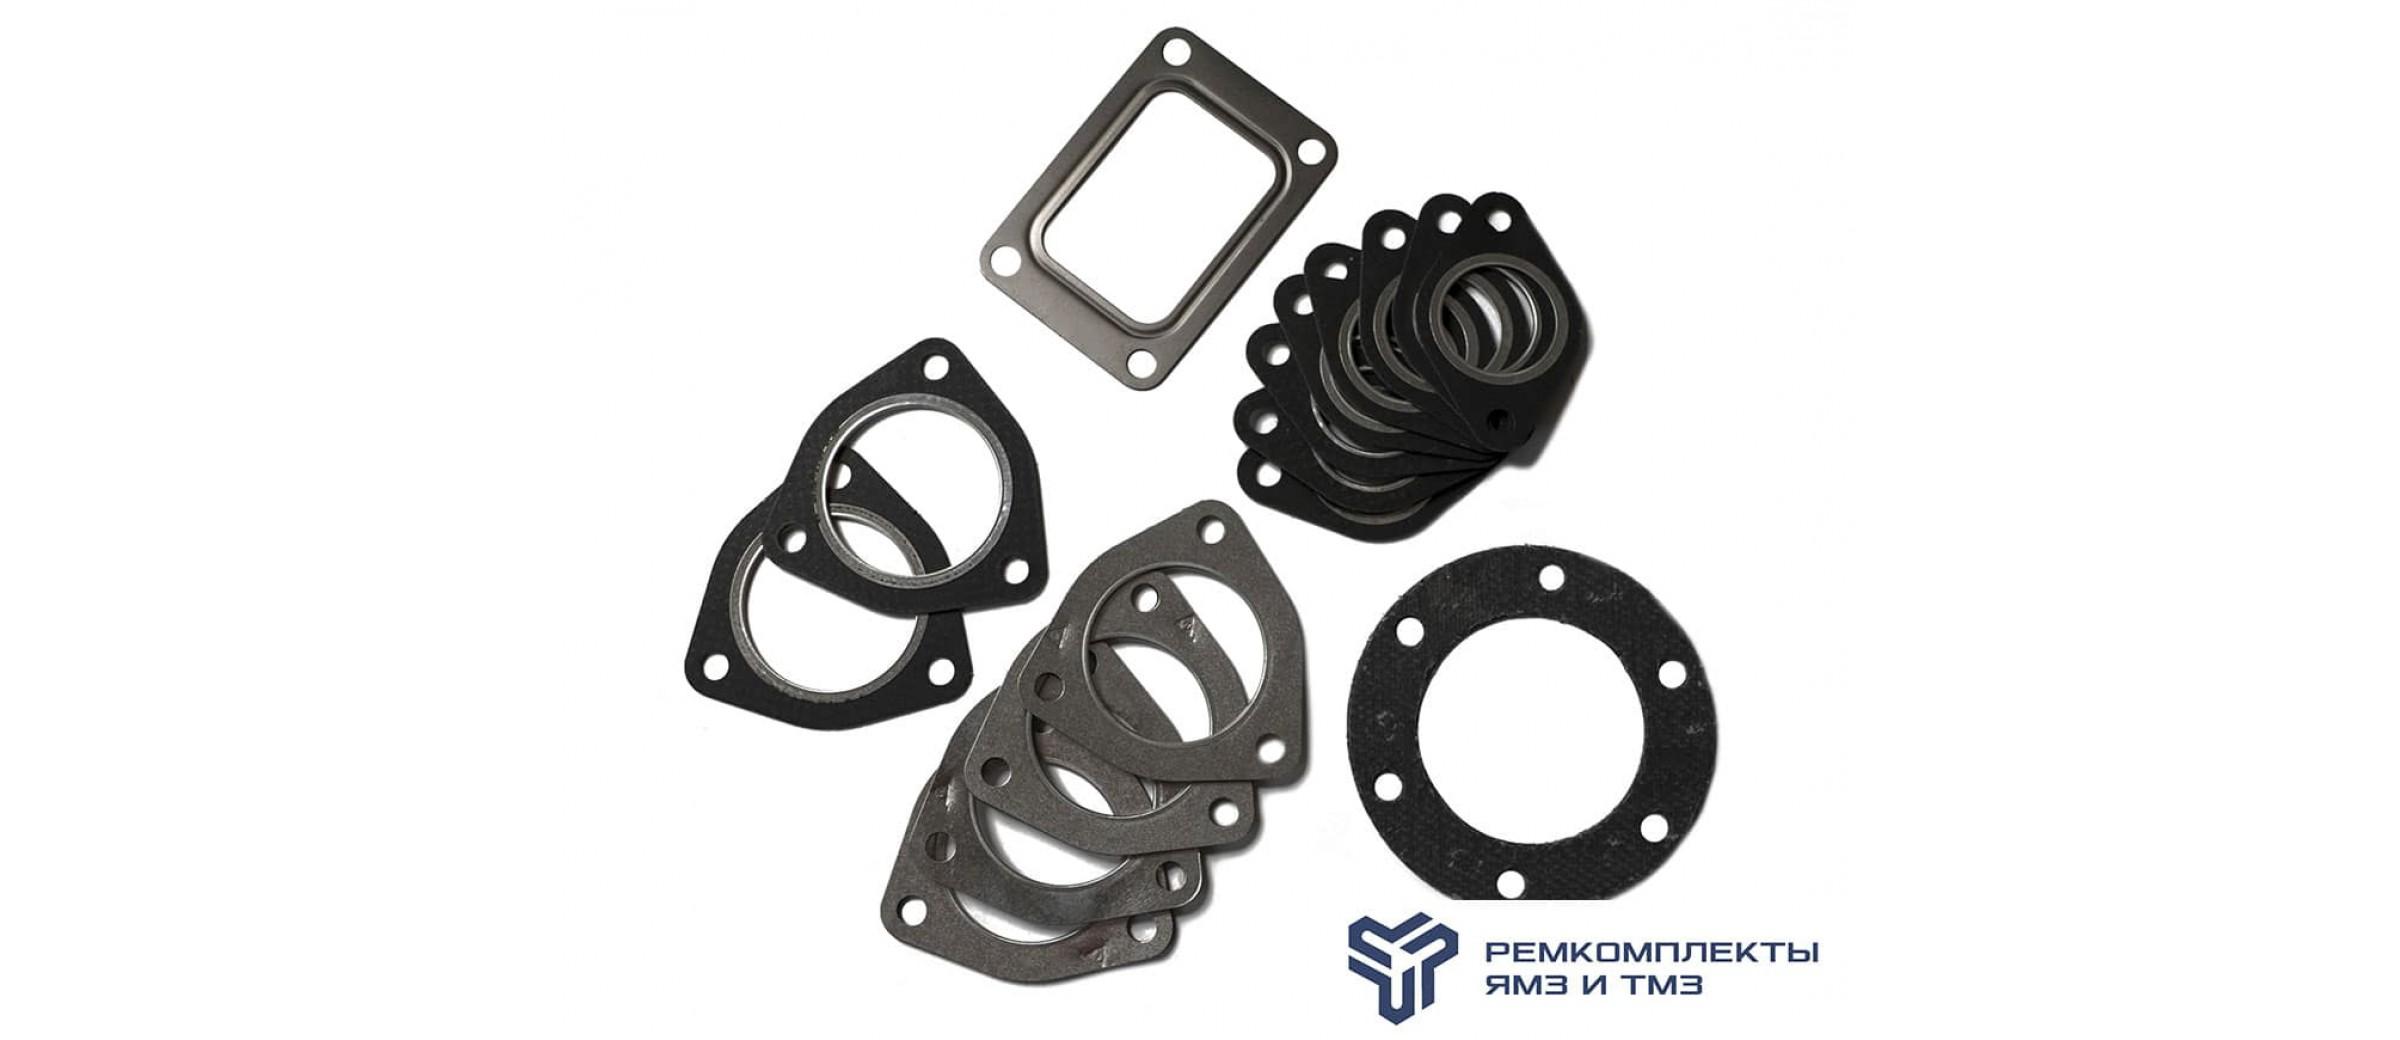 Ремкомплект газопровода двигателя ЯМЗ-238 ФМ,ПМ.